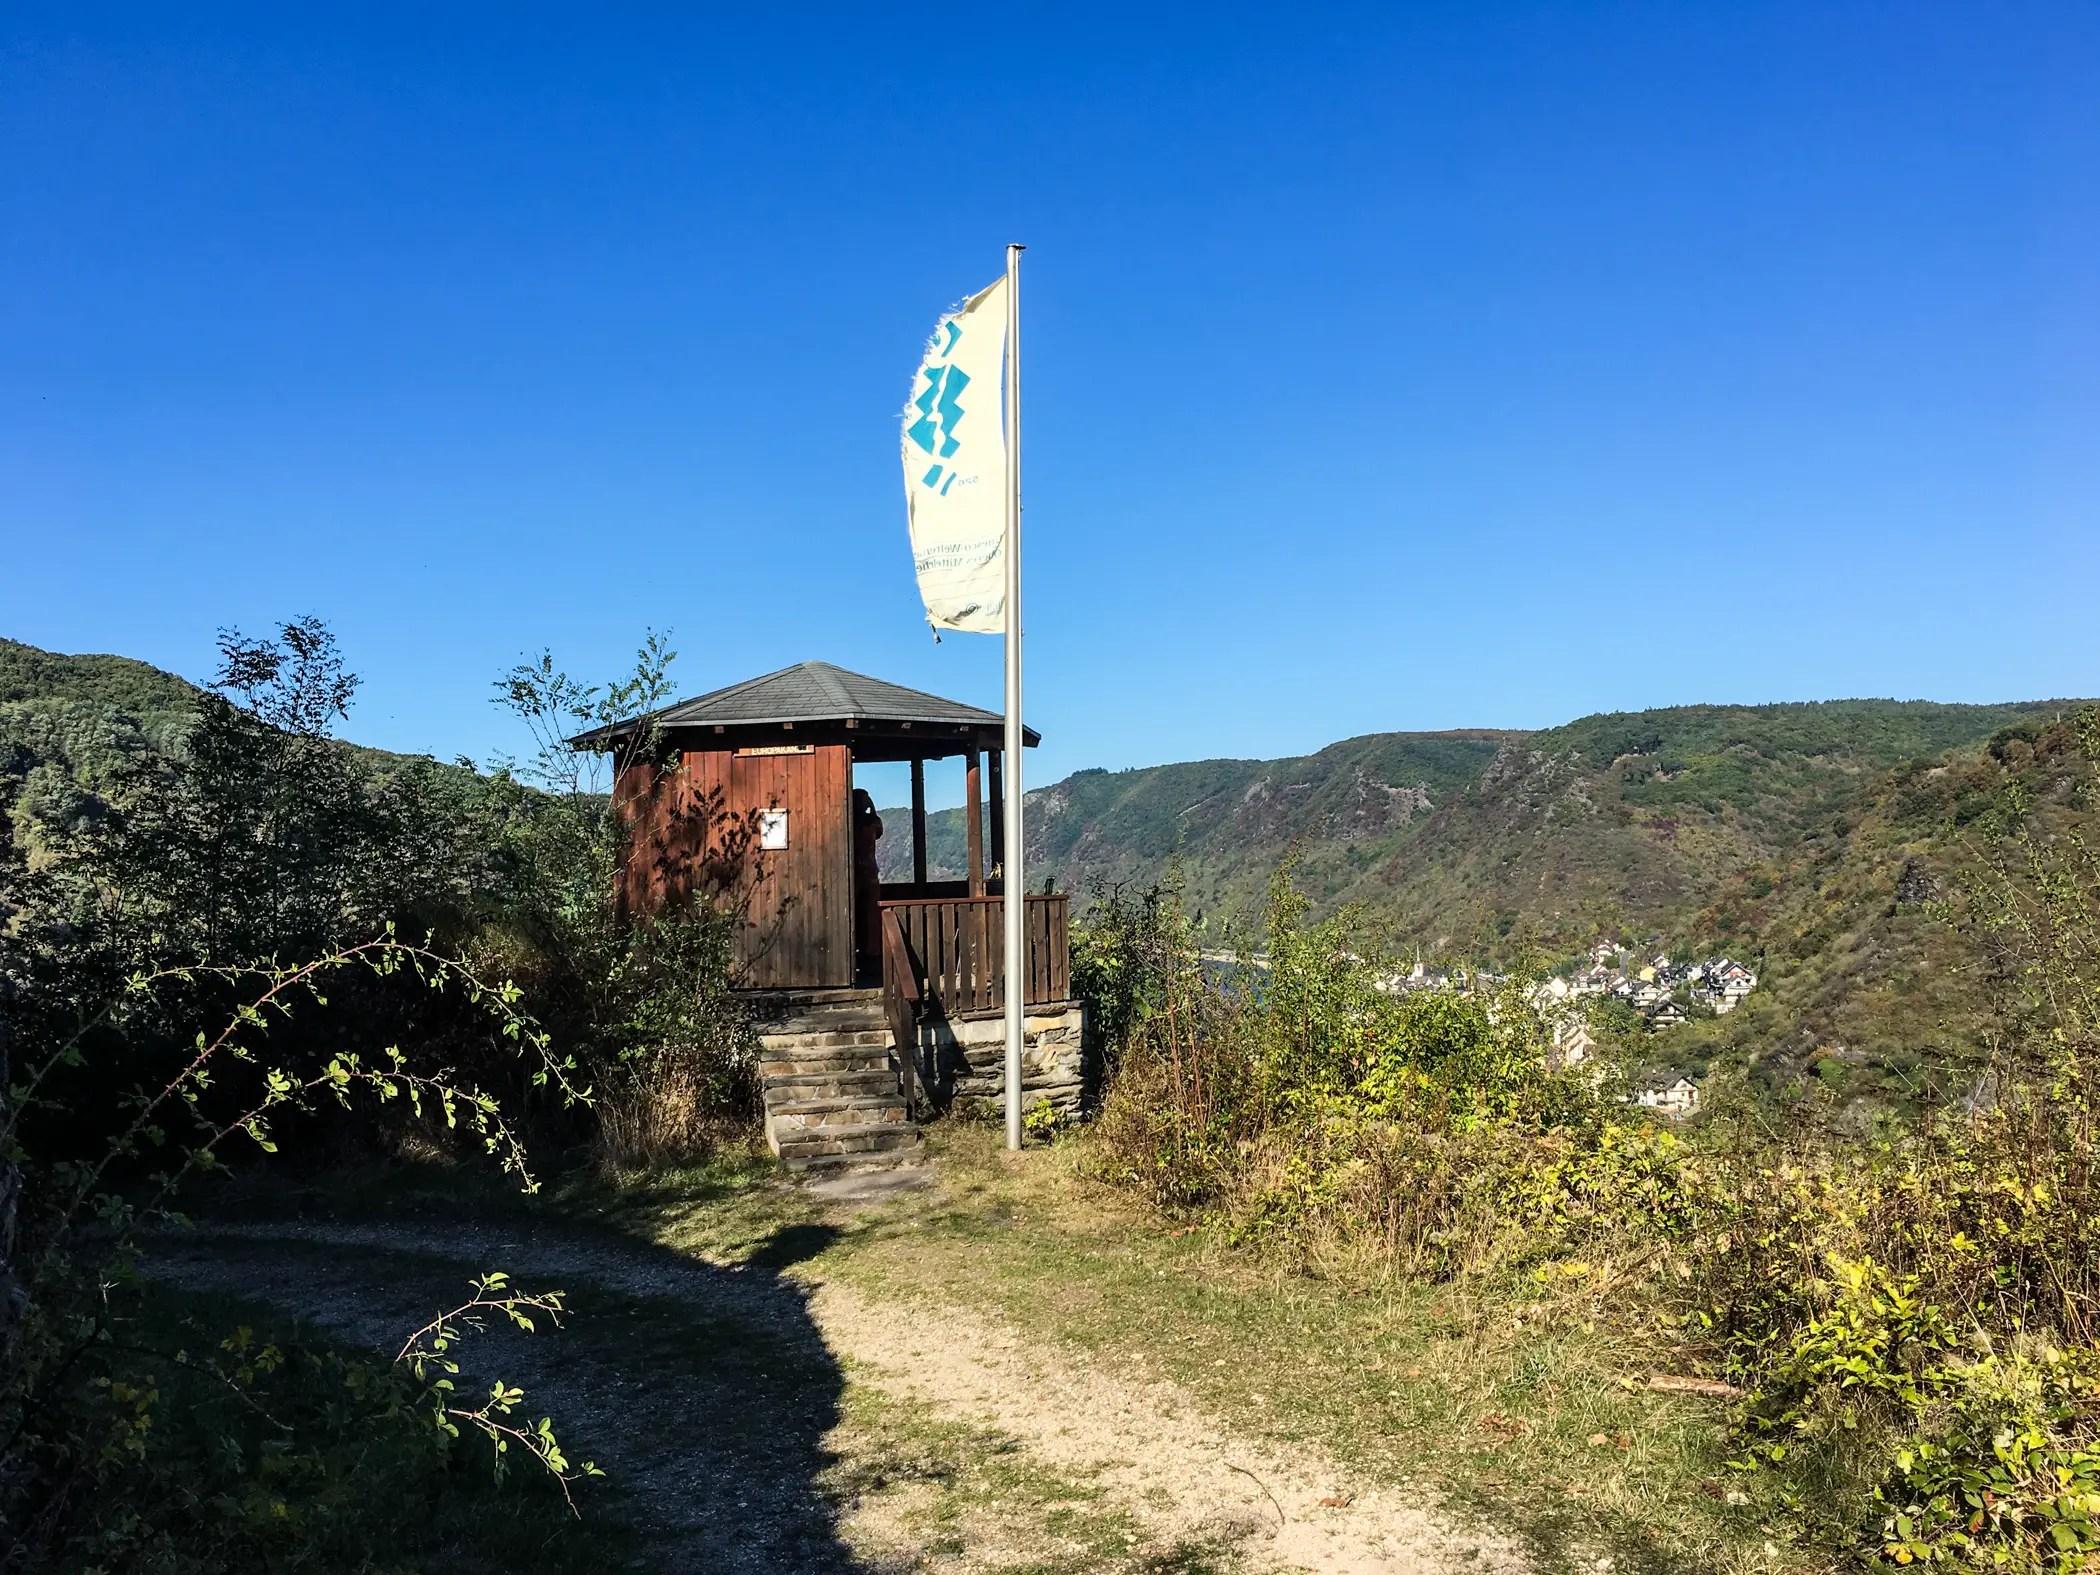 Traumschleife Rheingold 24